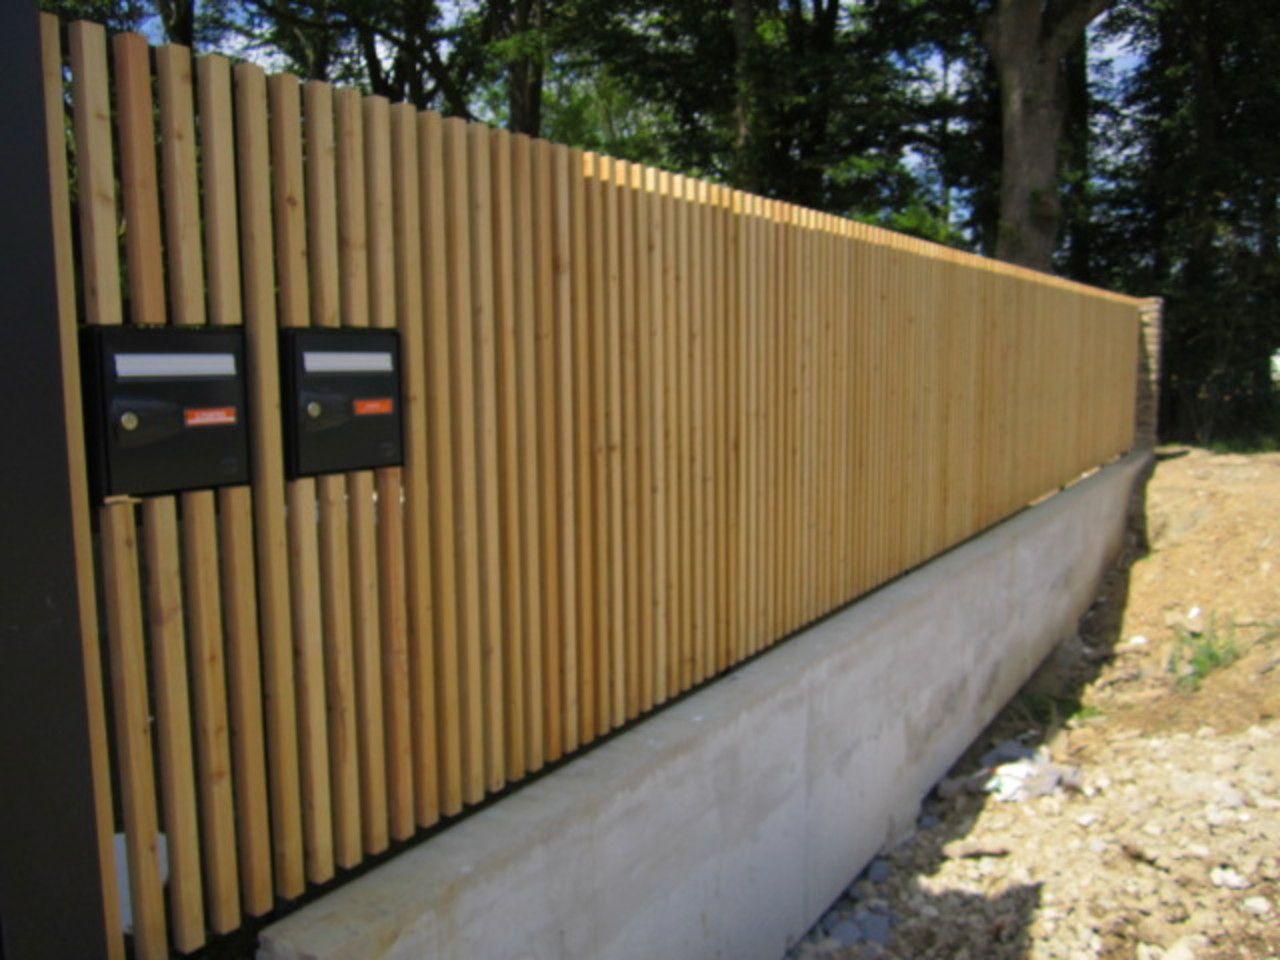 Clotures De Maison Click To Enlarge Image Ajoure Verticale à Cloture Bois Jardin